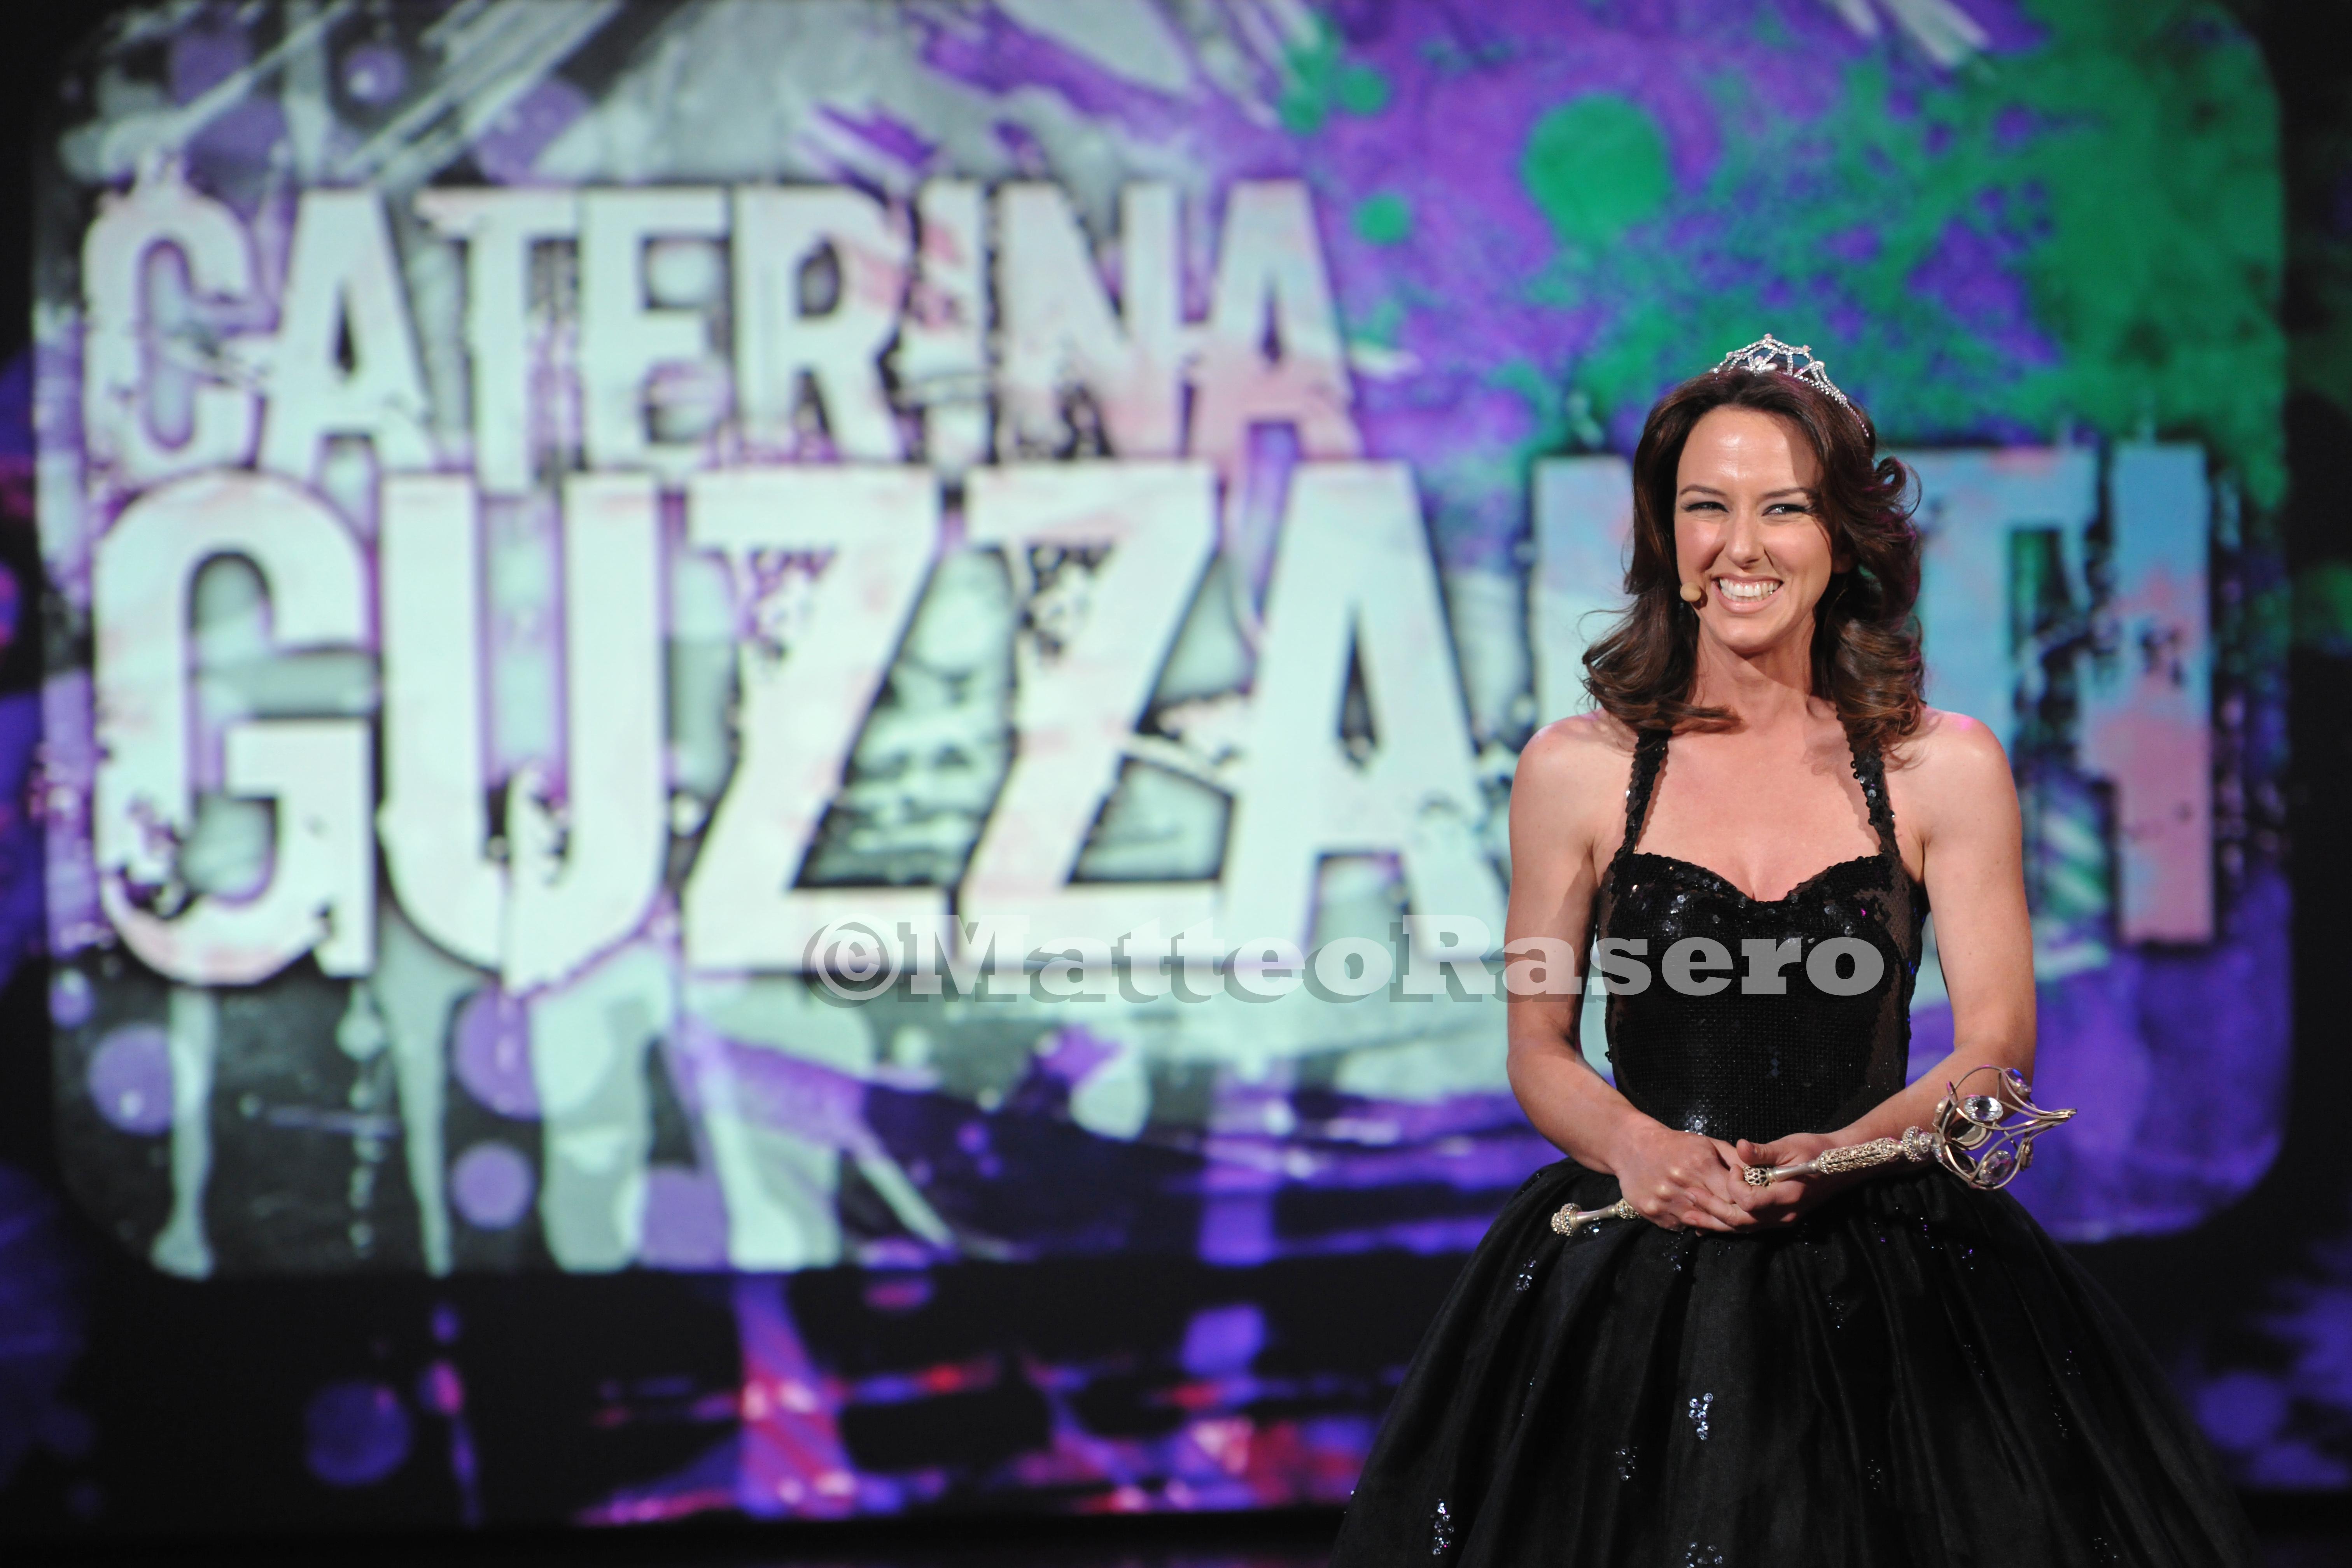 Caterina Guzzanti, 2012